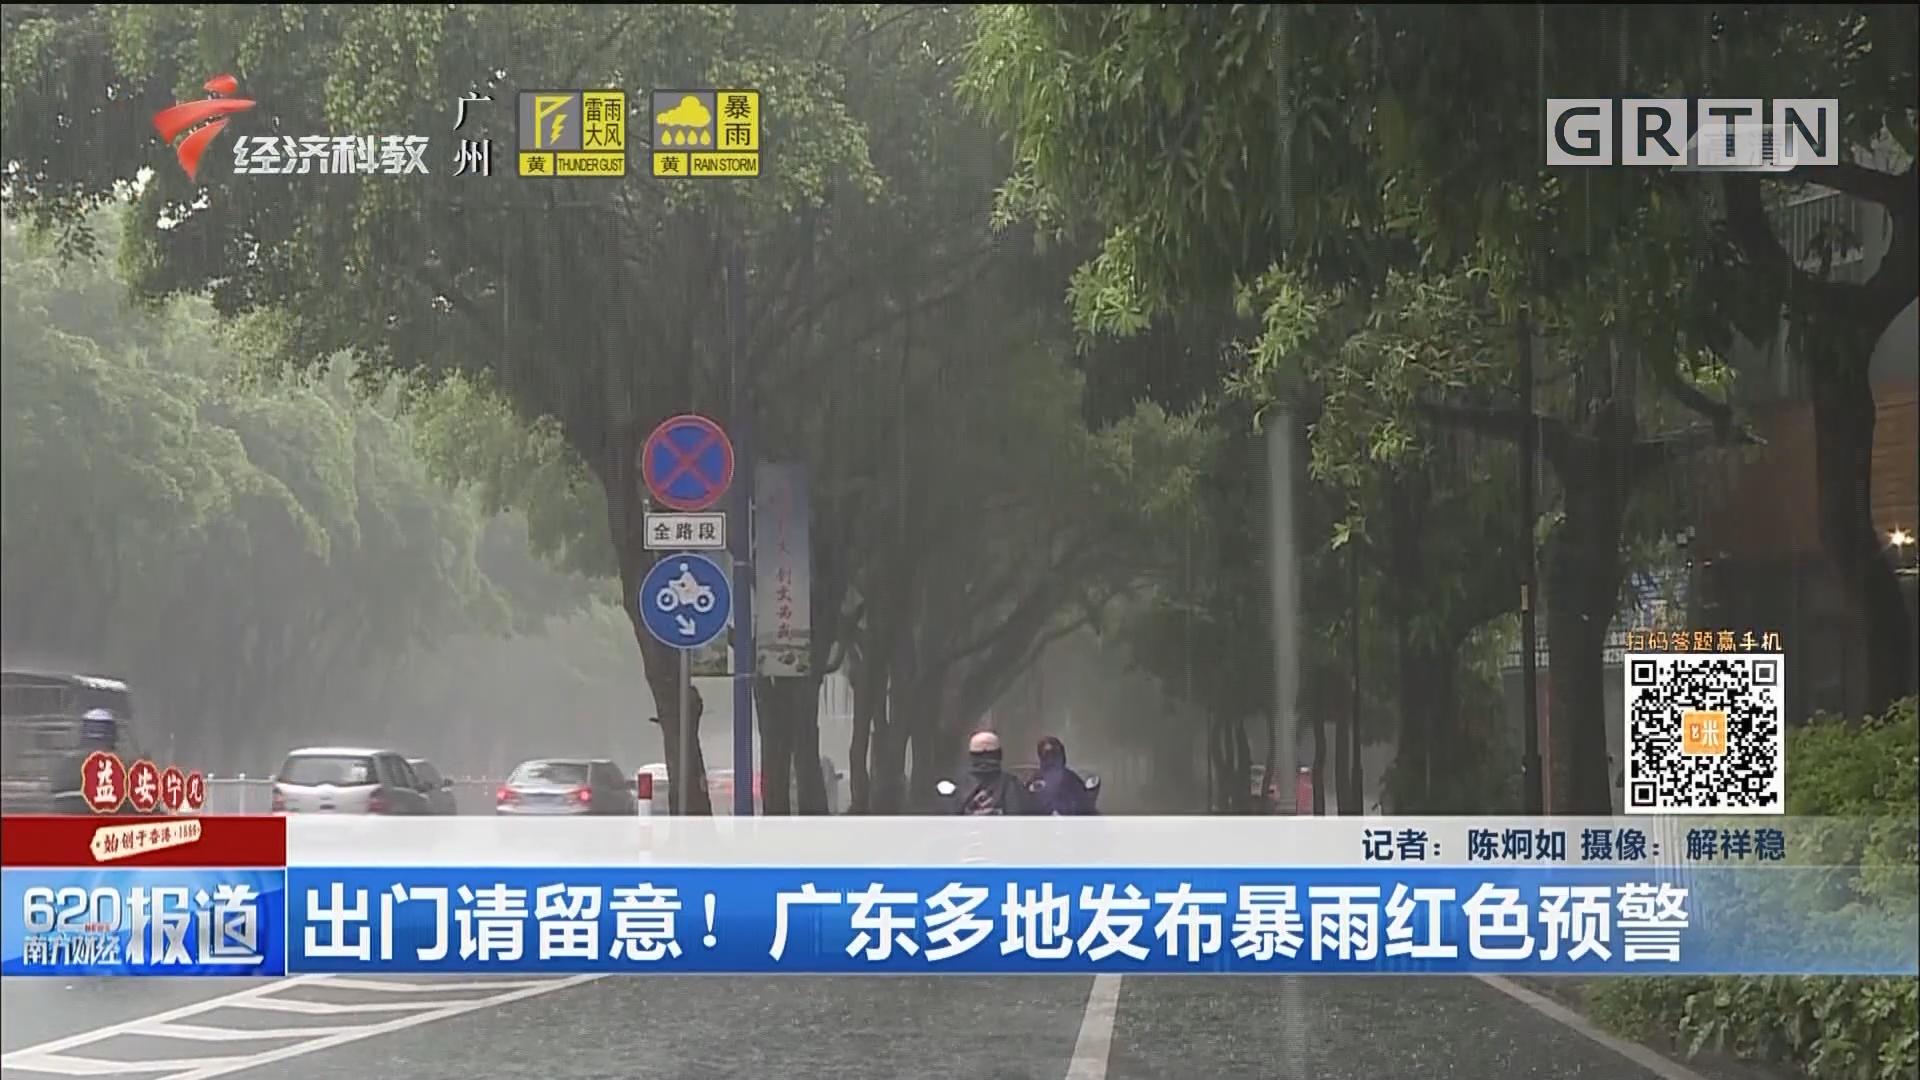 出门请留意!广东多地发布暴雨红色预警